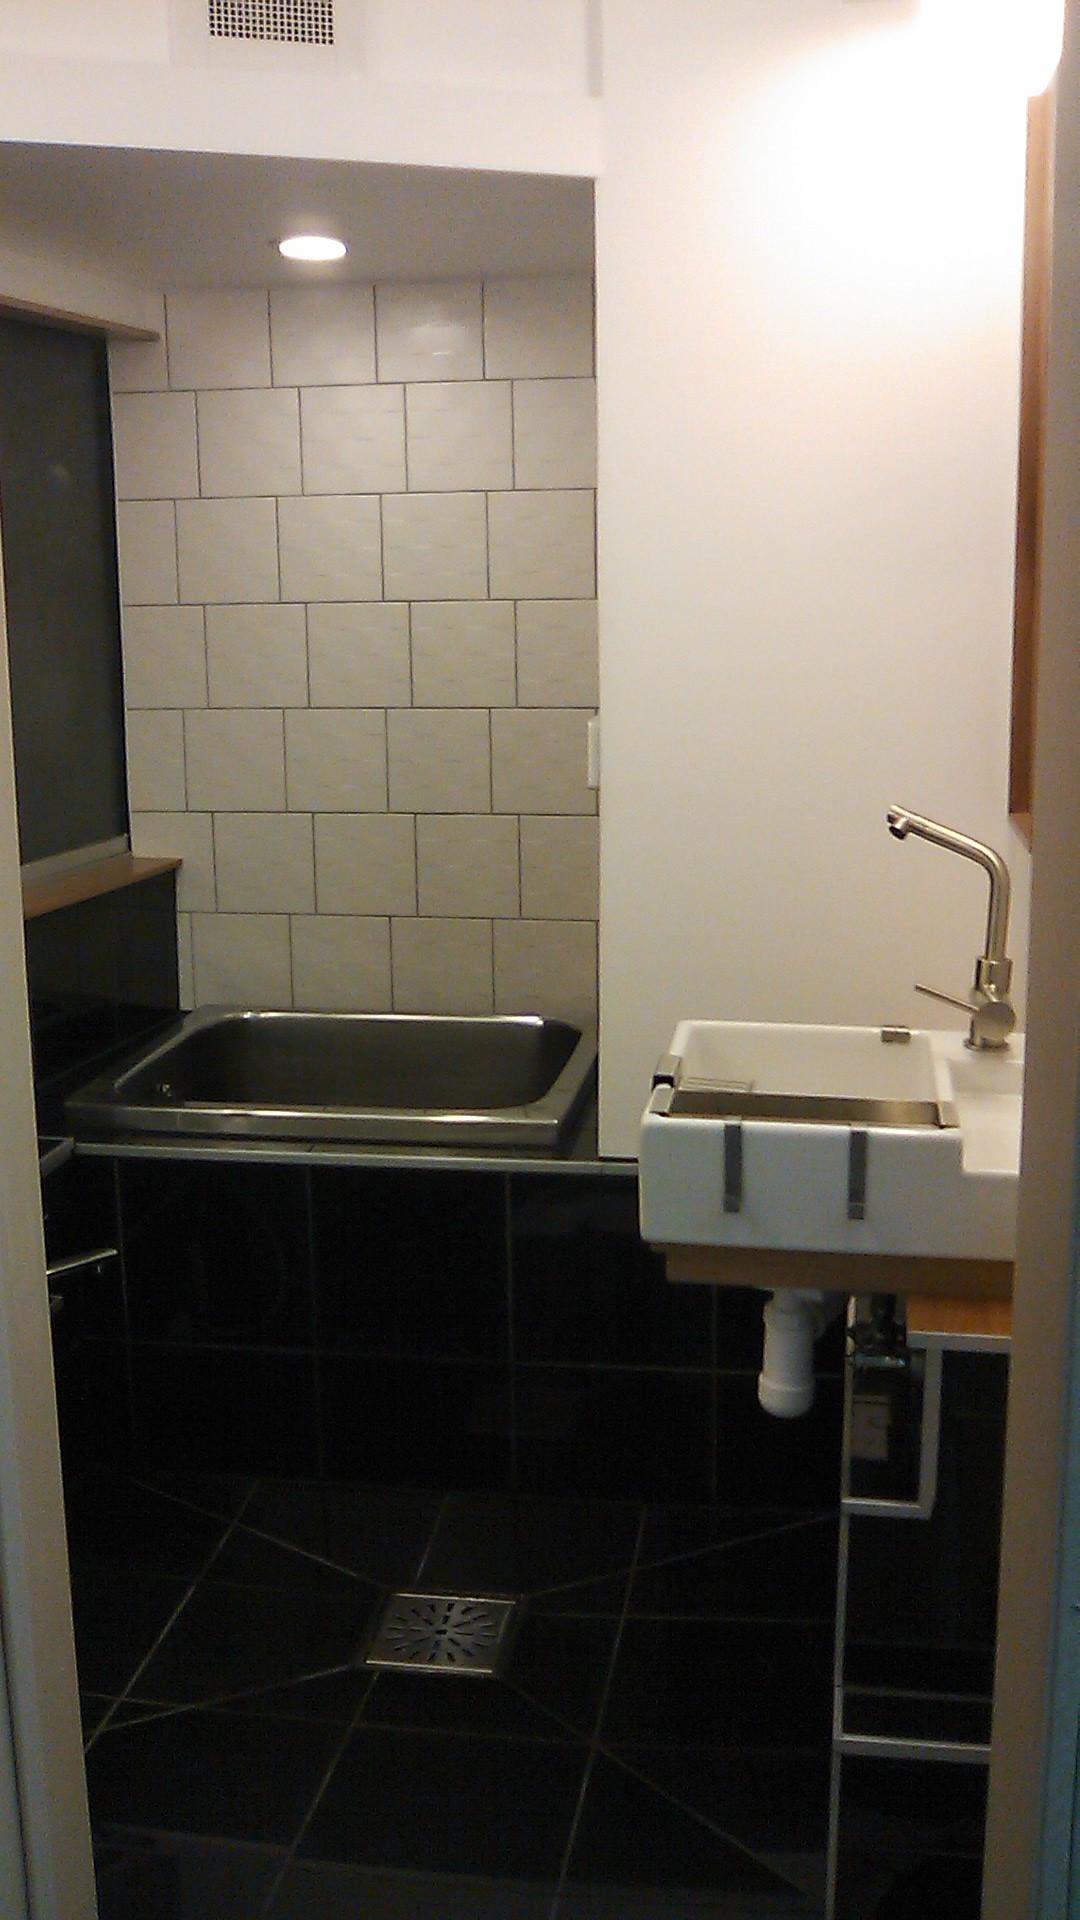 Japan bathroom view